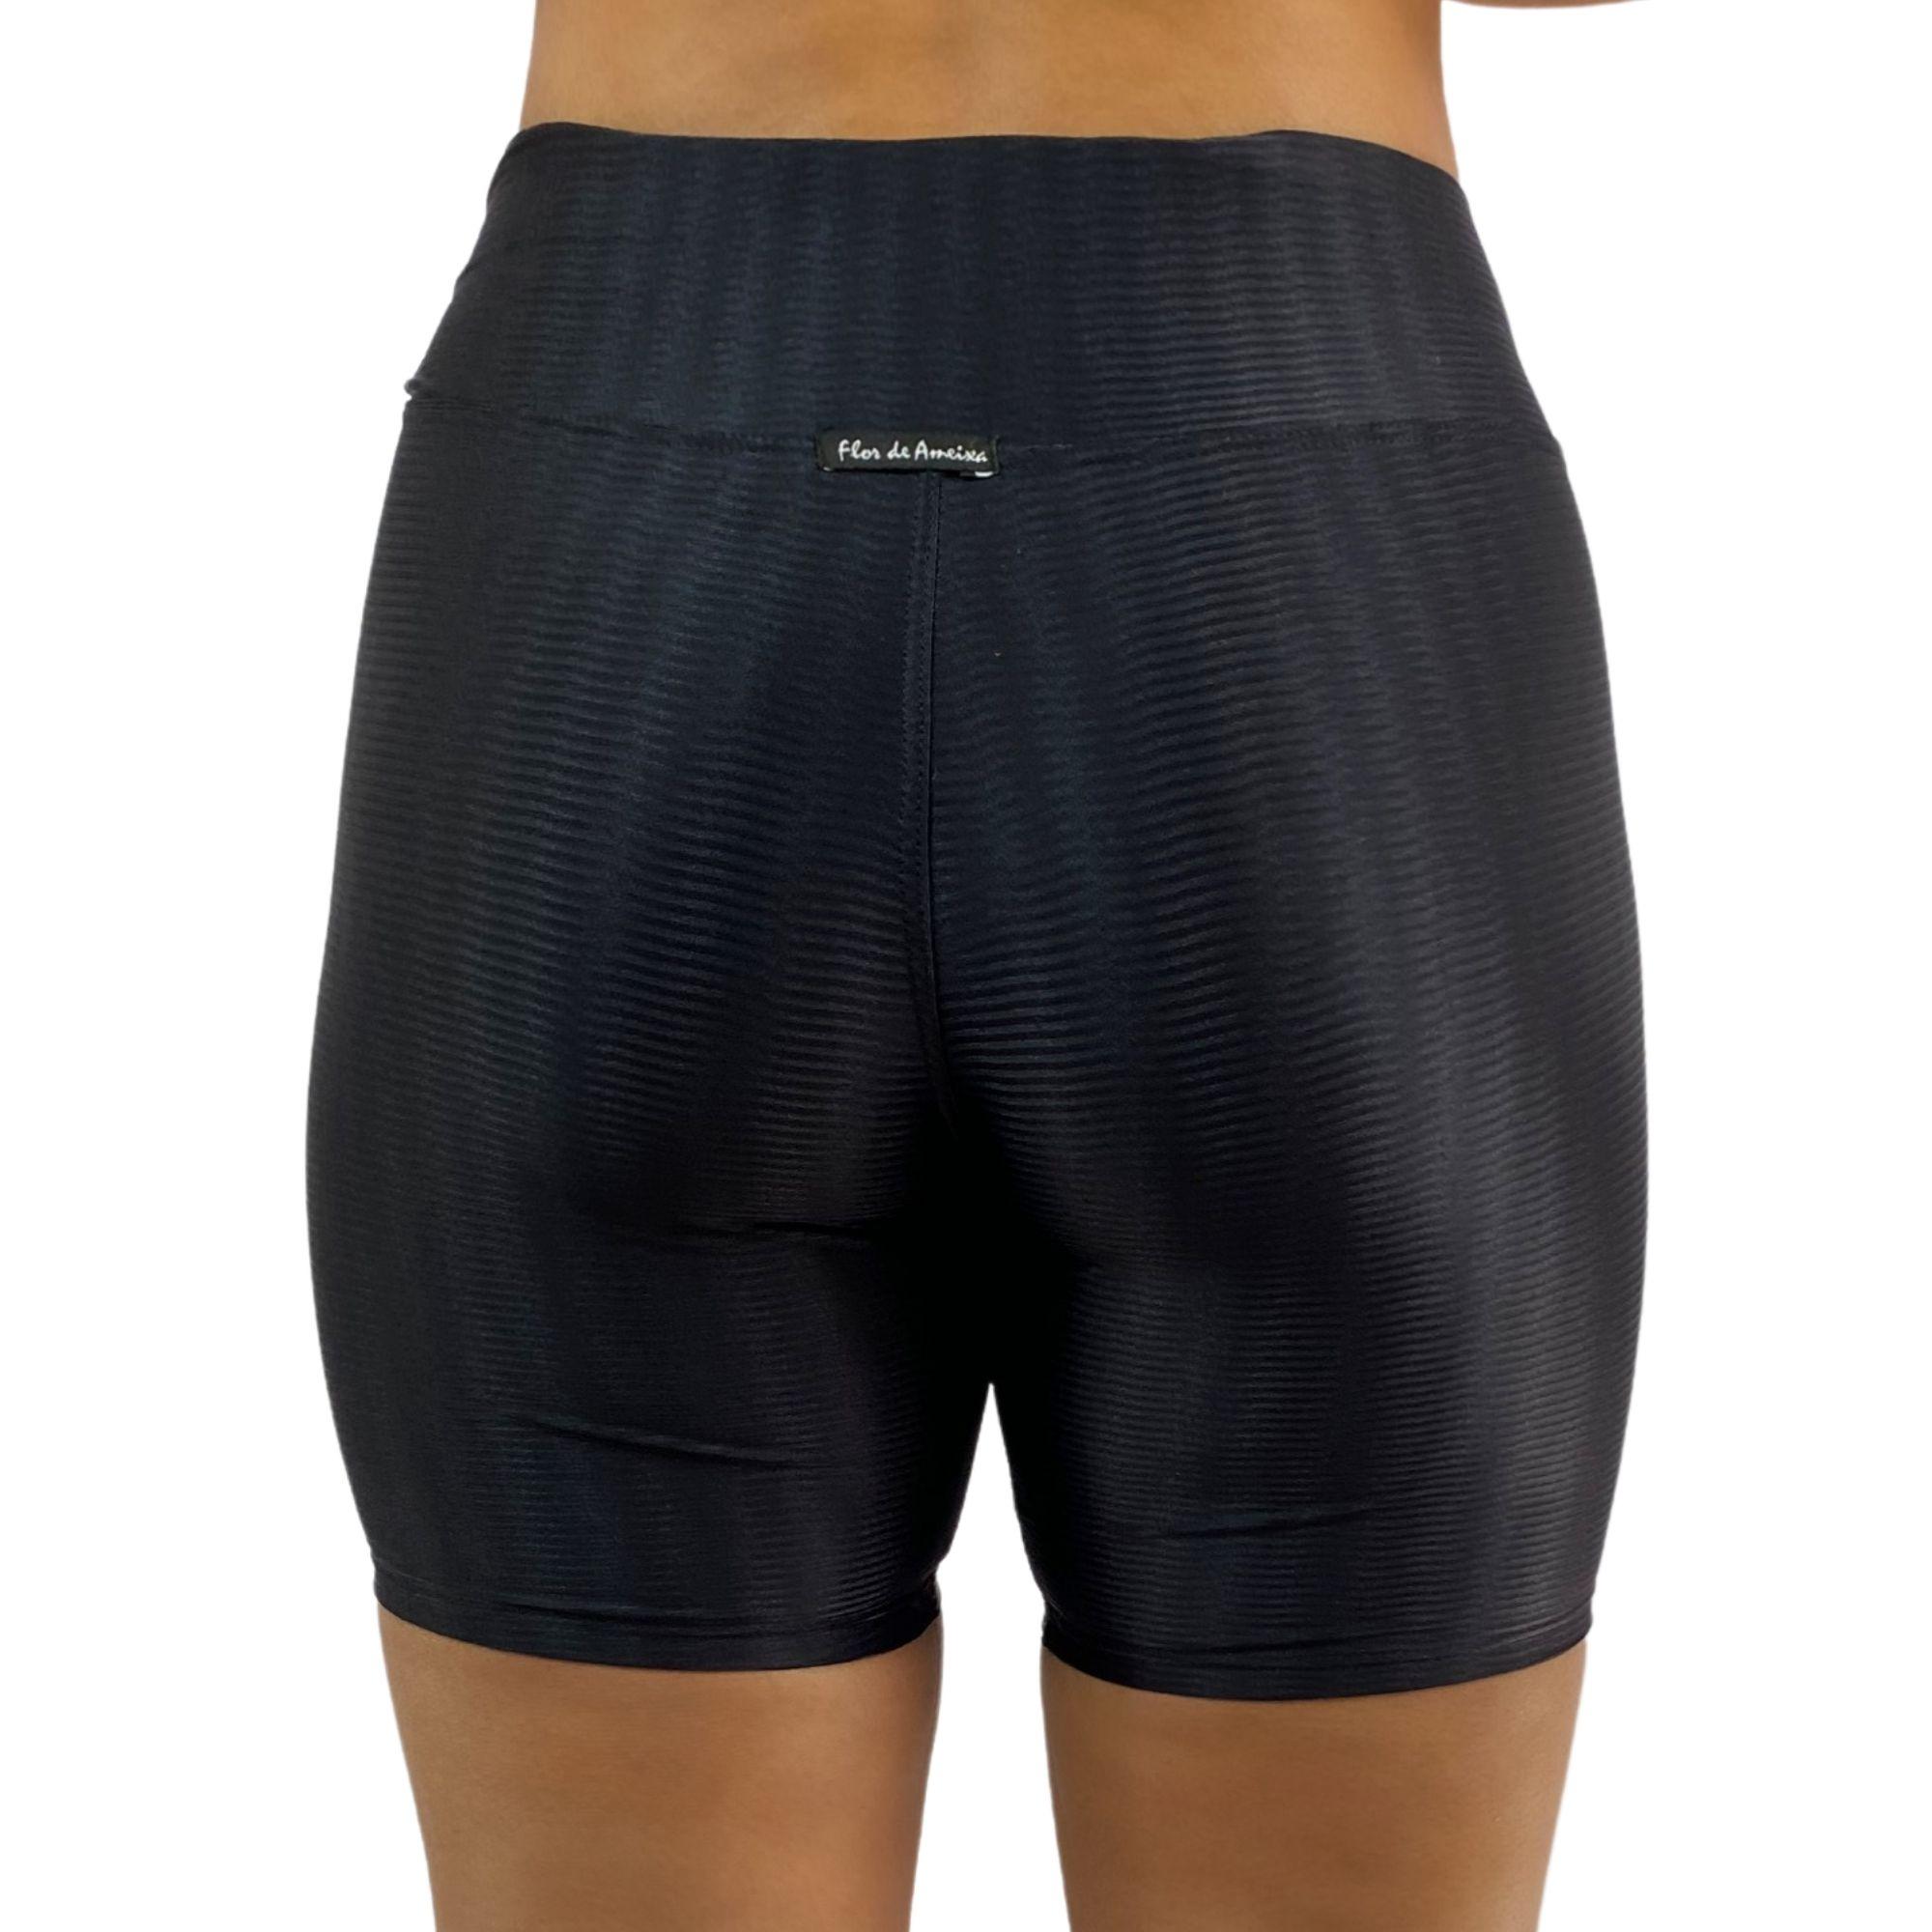 Short Fitness Recomeço Texturizado Preto